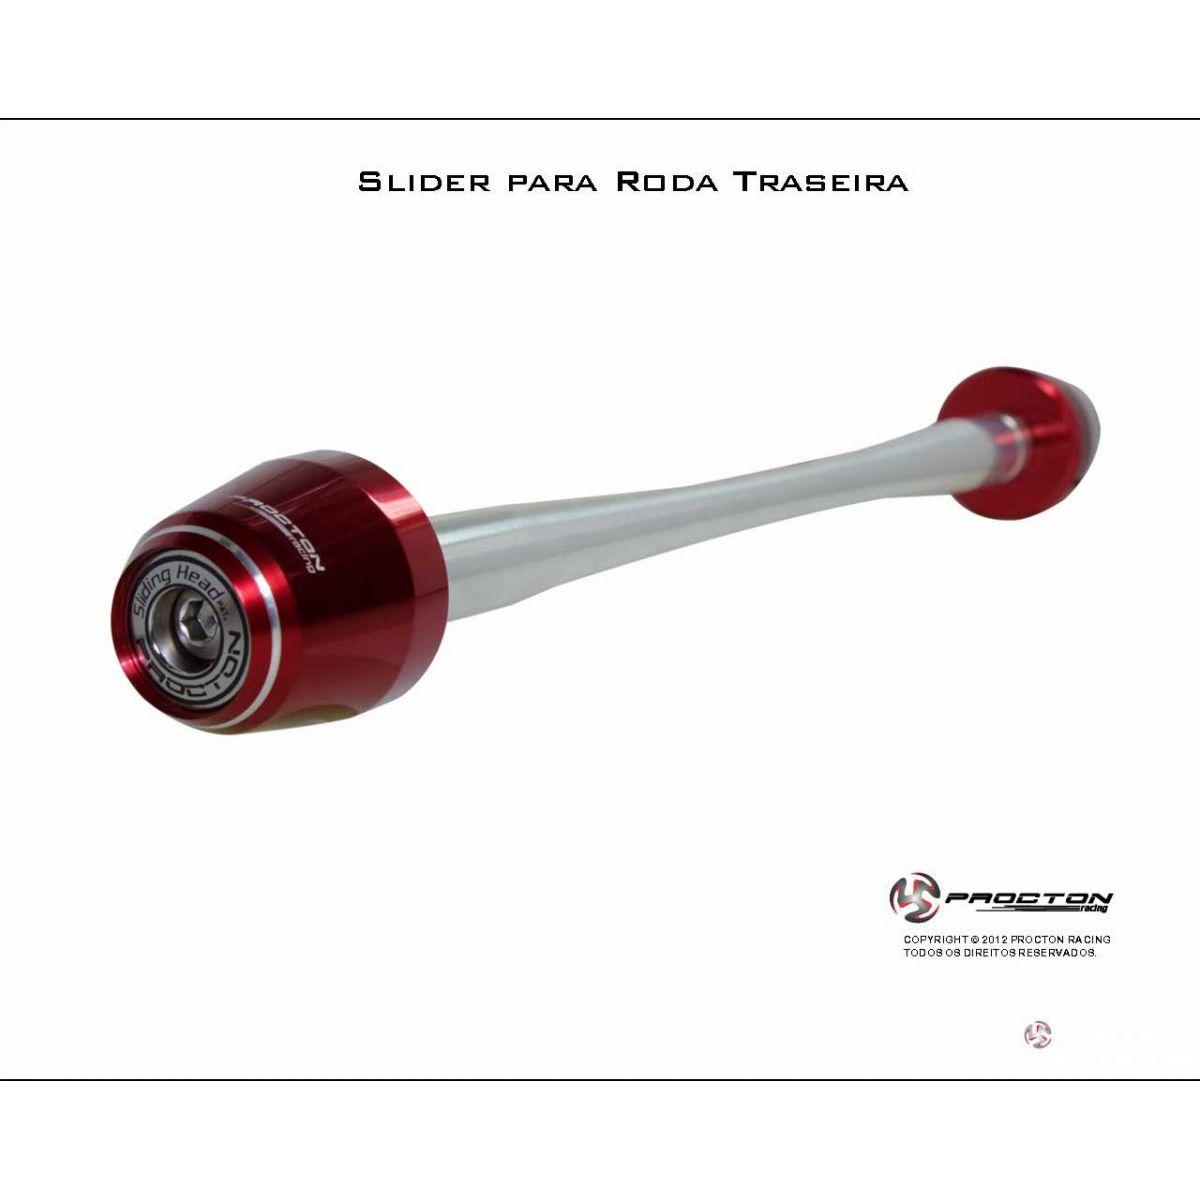 Slider Roda Traseiro SRAD750/1000/BKING/B.1250  - Nova Suzuki Motos e Acessórios